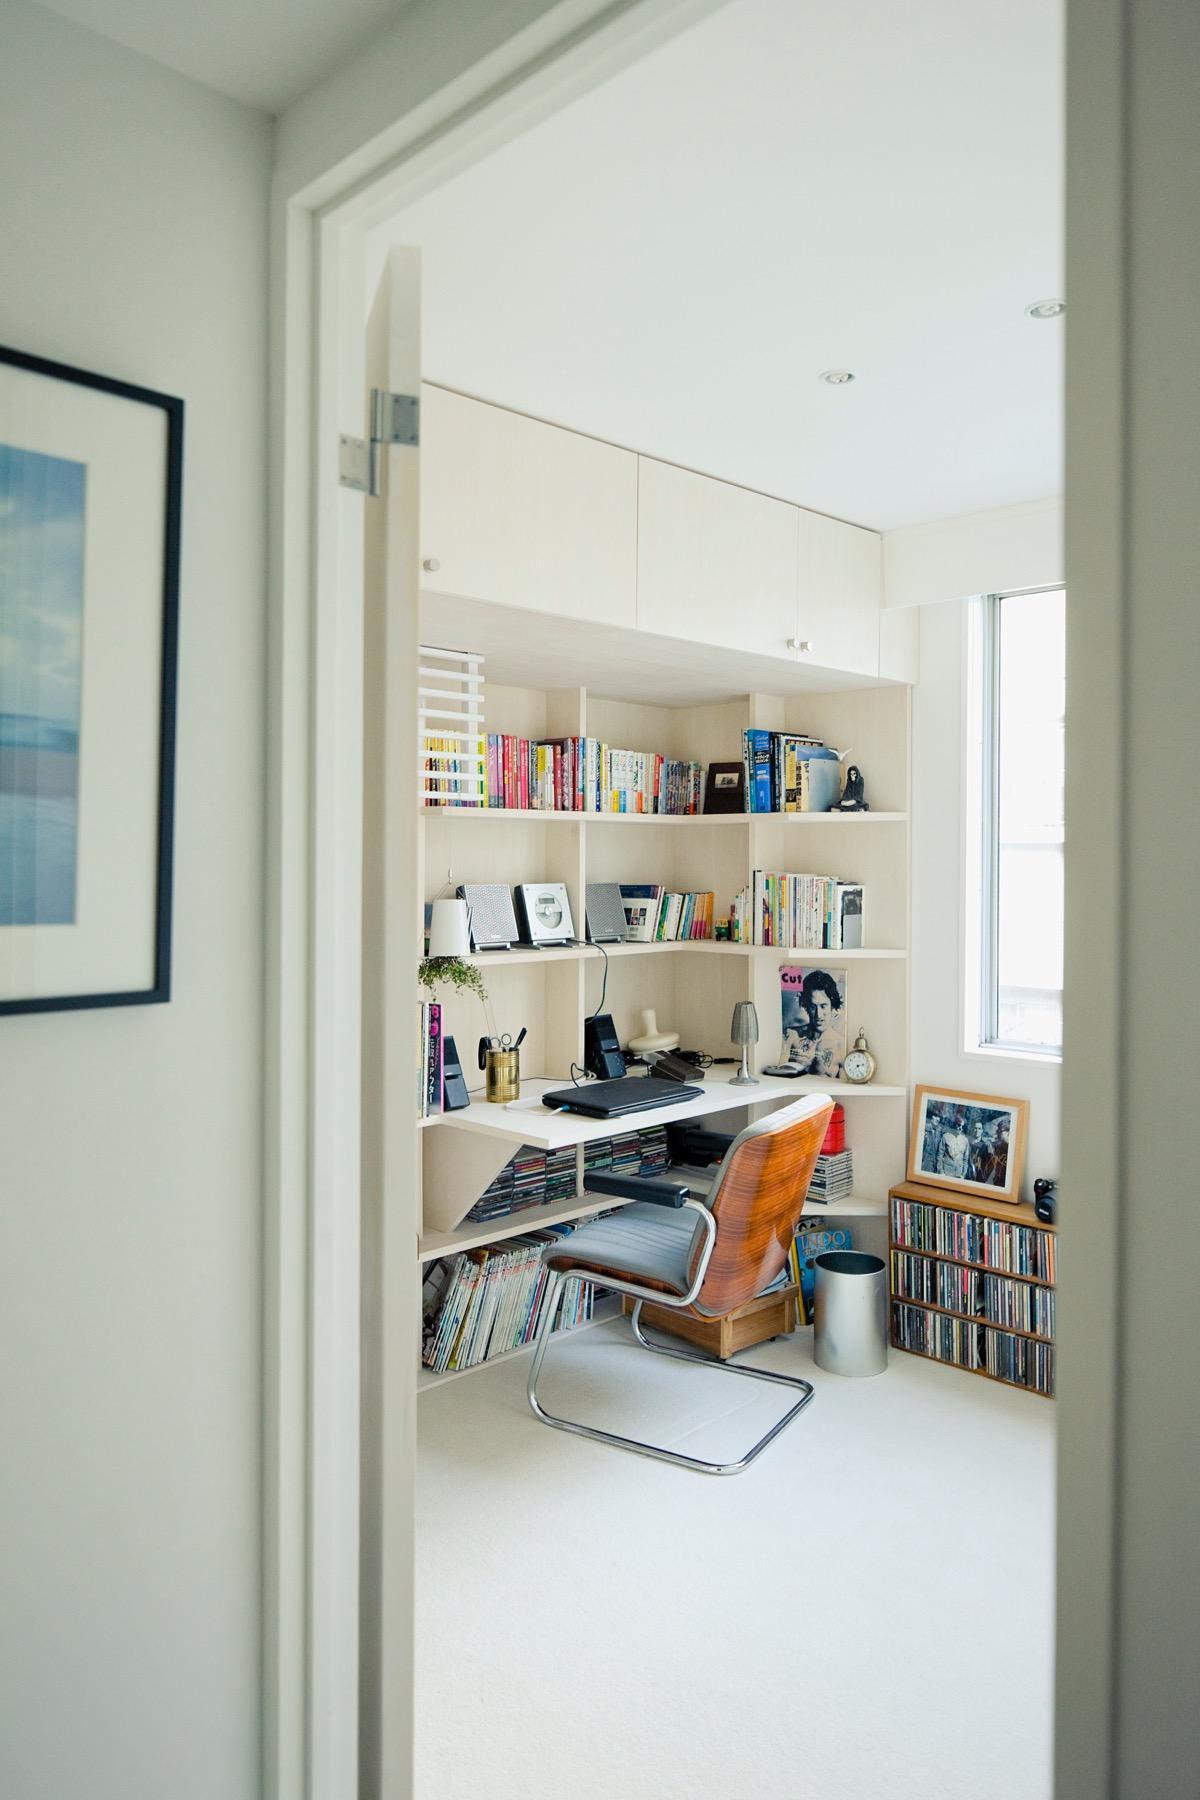 富ヶ谷の住宅の部屋 沢山の書籍を収納できる書斎